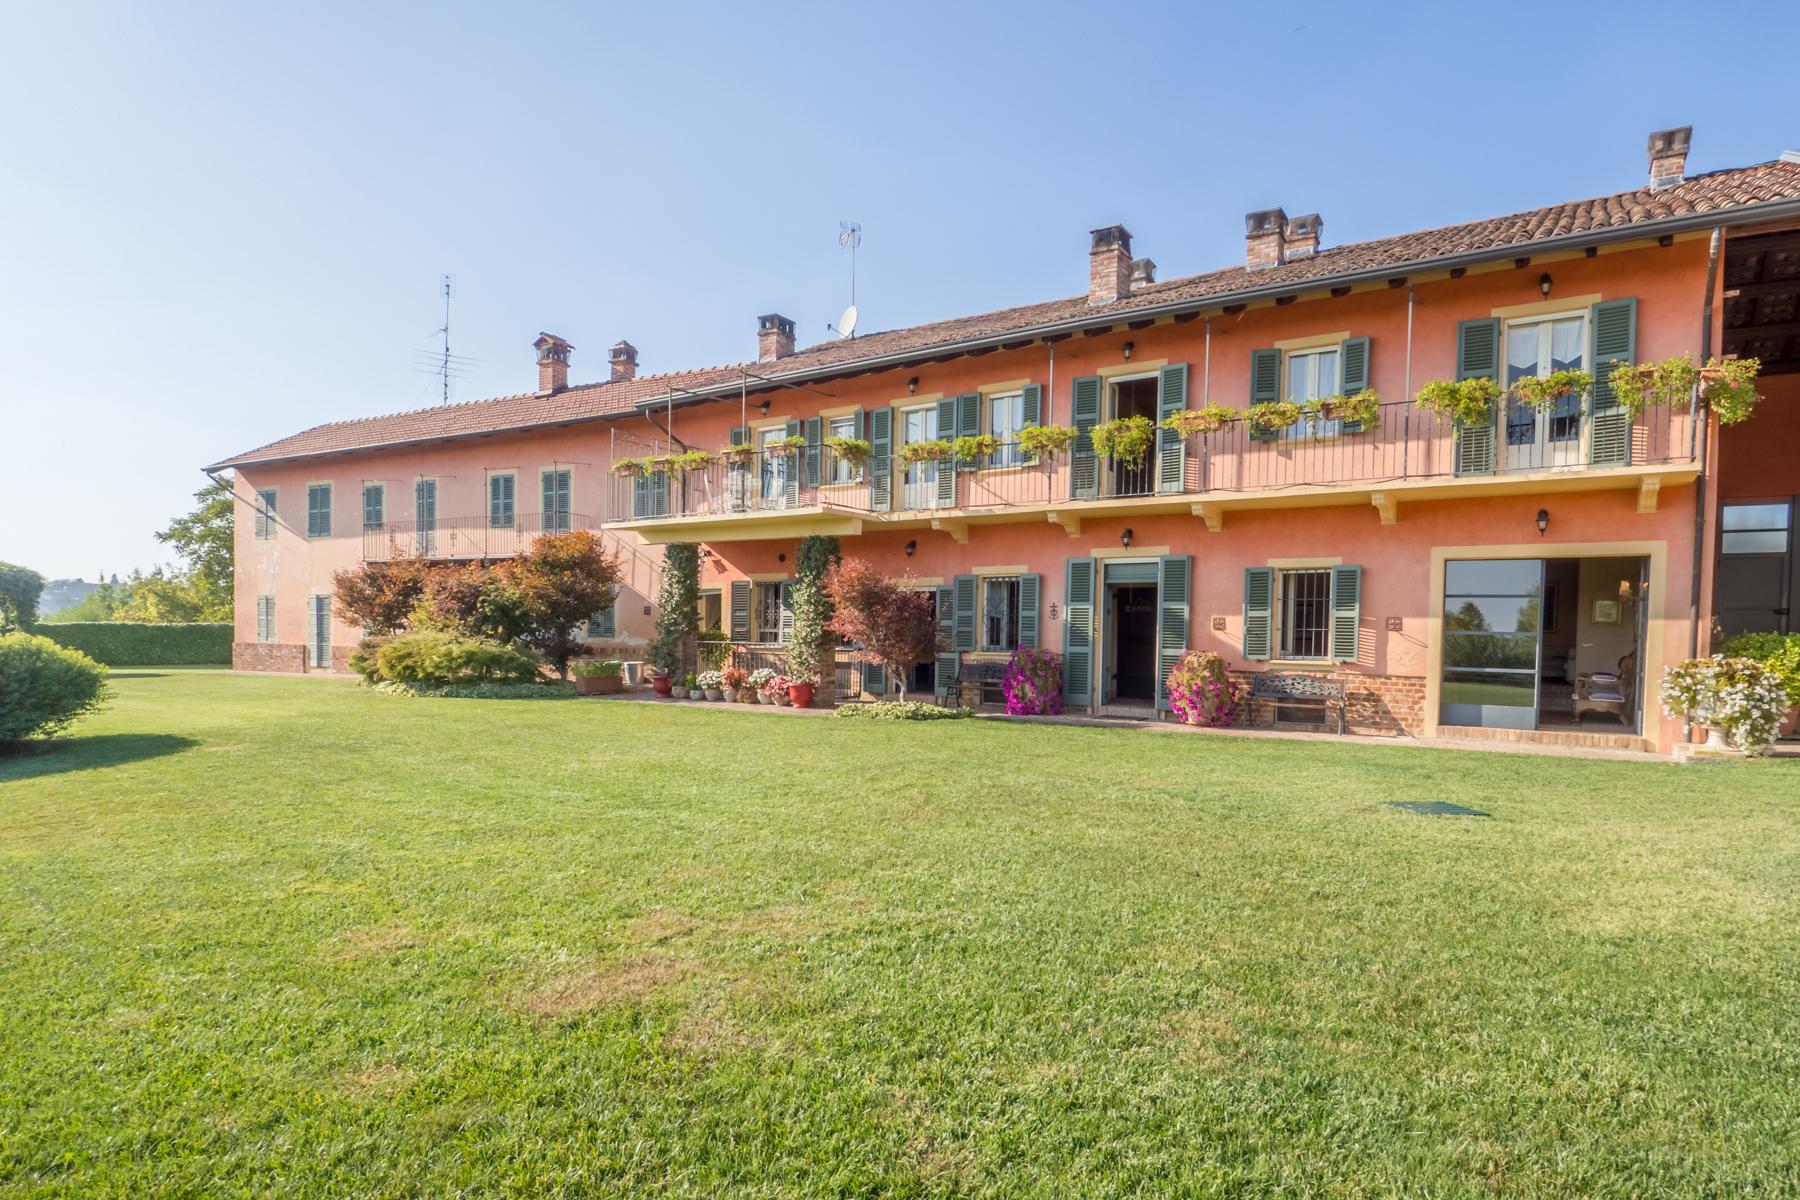 Rustico in Vendita a Montemagno: 5 locali, 2000 mq - Foto 3